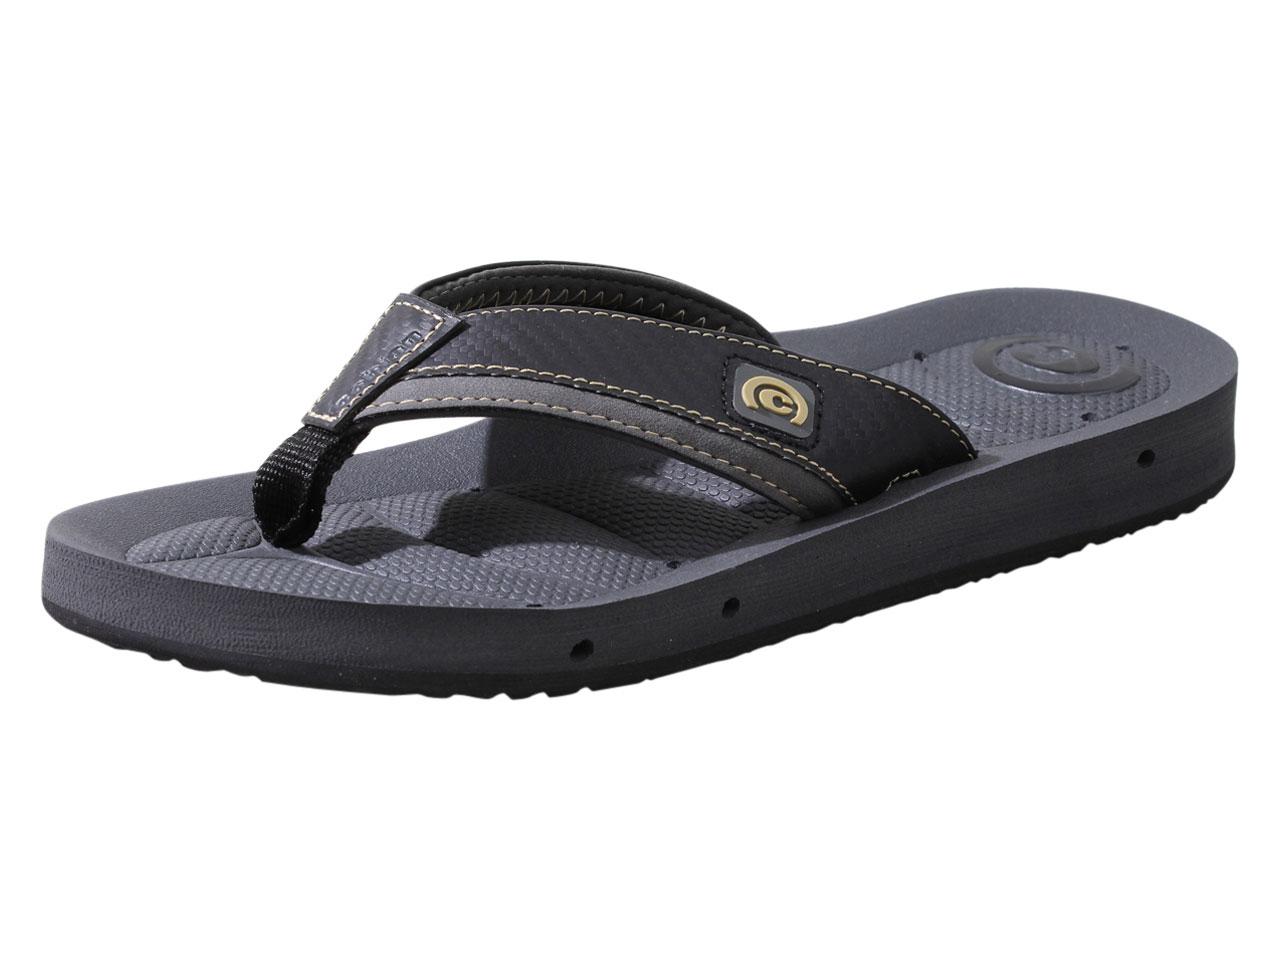 e0ad7f0604e0 Cobian Men  039 s Draino-II Flip Flops Sandals Shoes